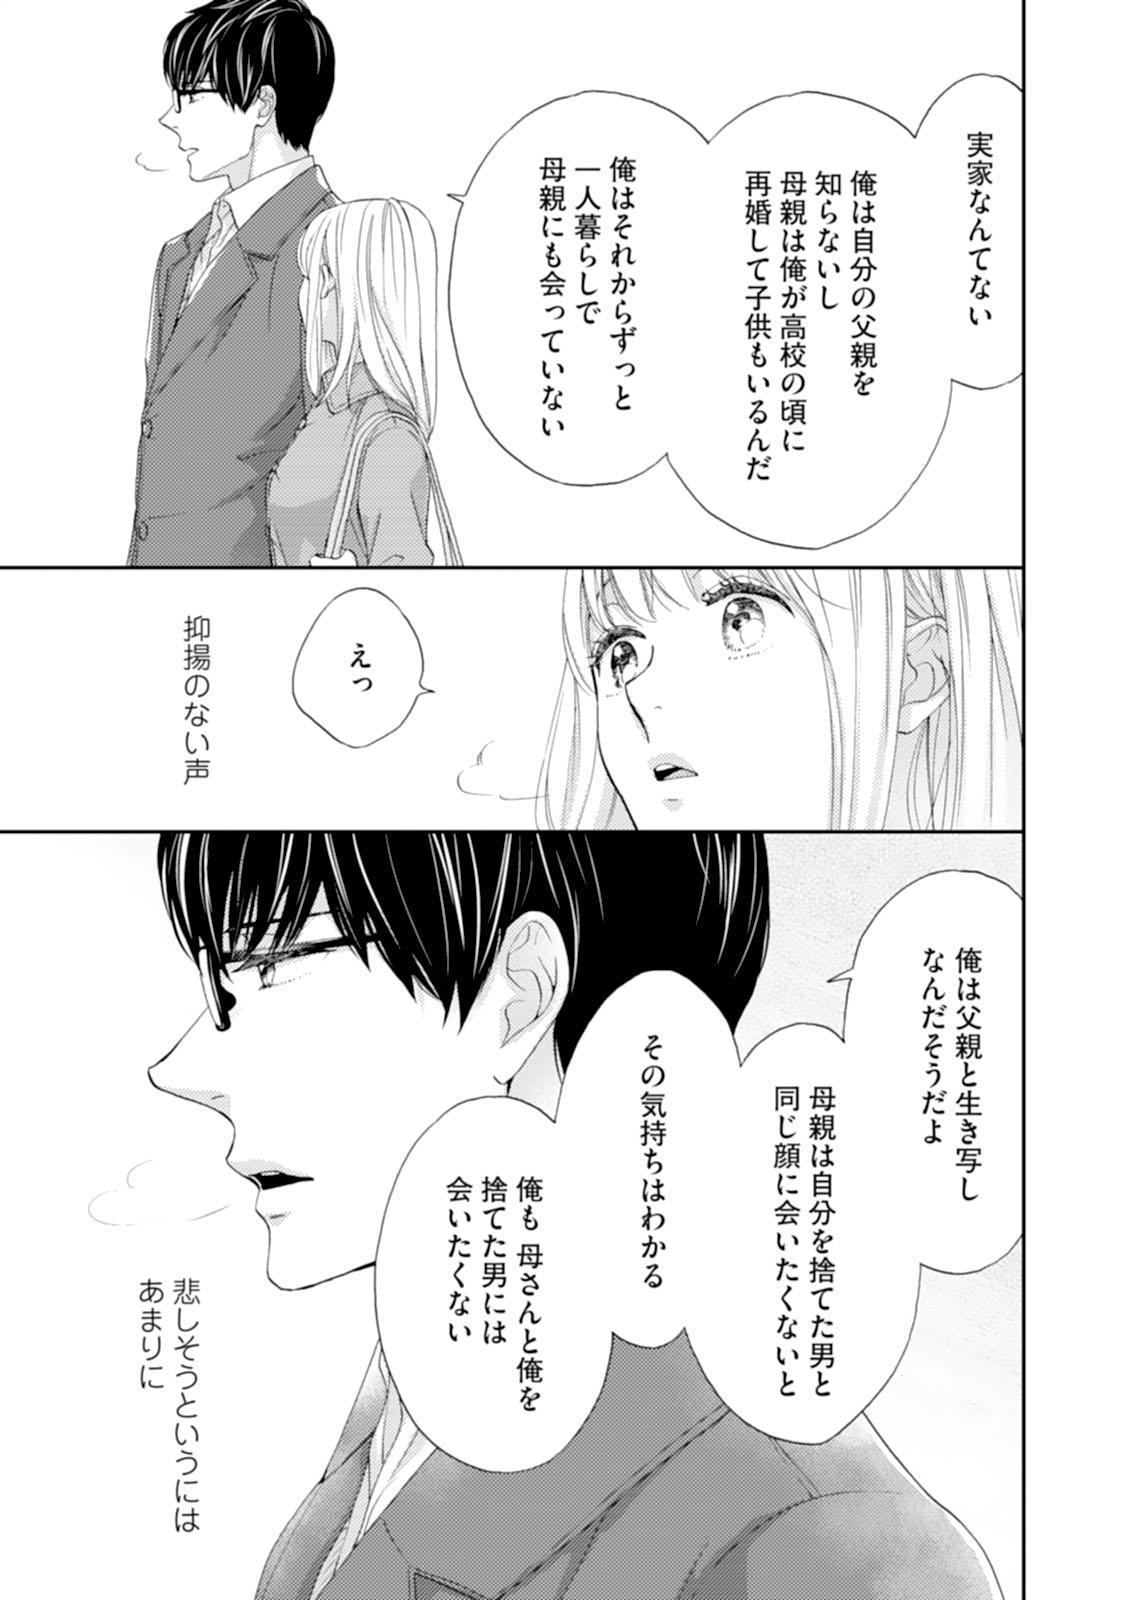 [Adumi Yuu] Choukyou-kei Danshi Ookami-sama to Koneko-chan Ch. 1-3 58